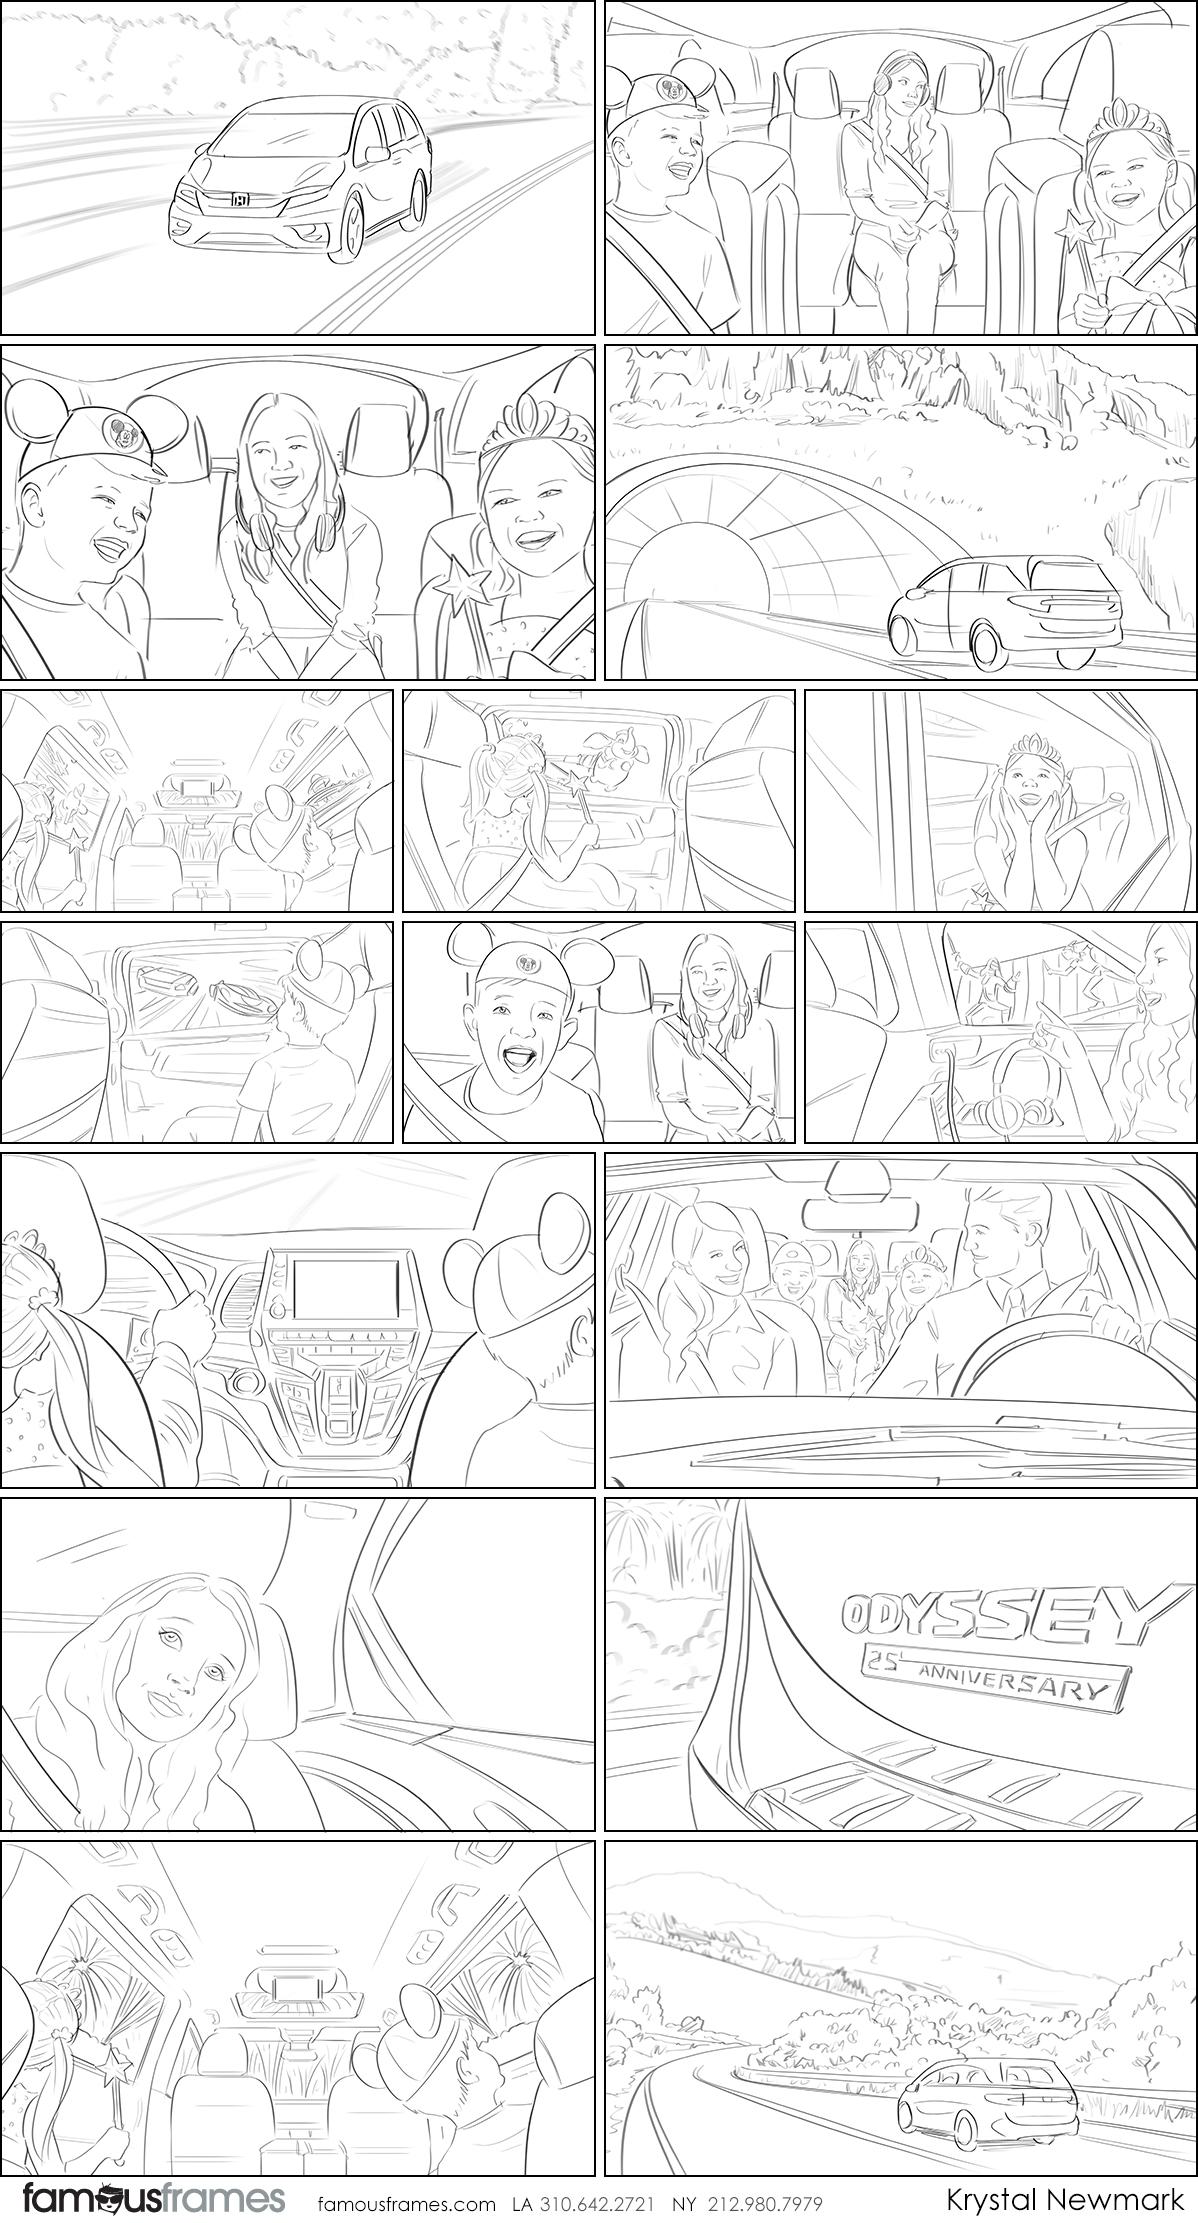 Krystal Newmark's People - B&W Line storyboard art (Image #5666_16_1603391915)